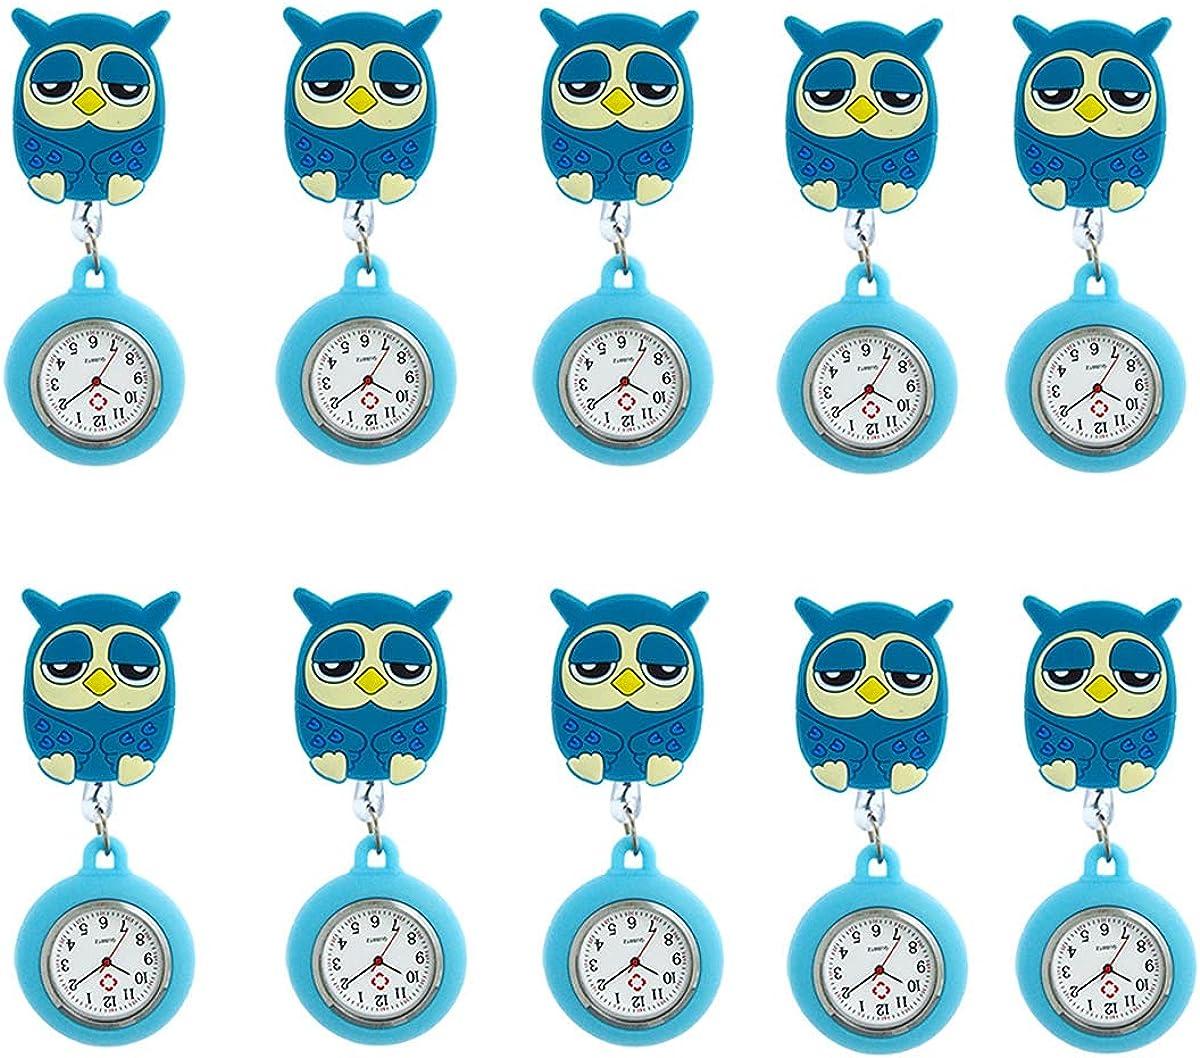 AllRing Juego de 10 relojes de enfermera elásticos